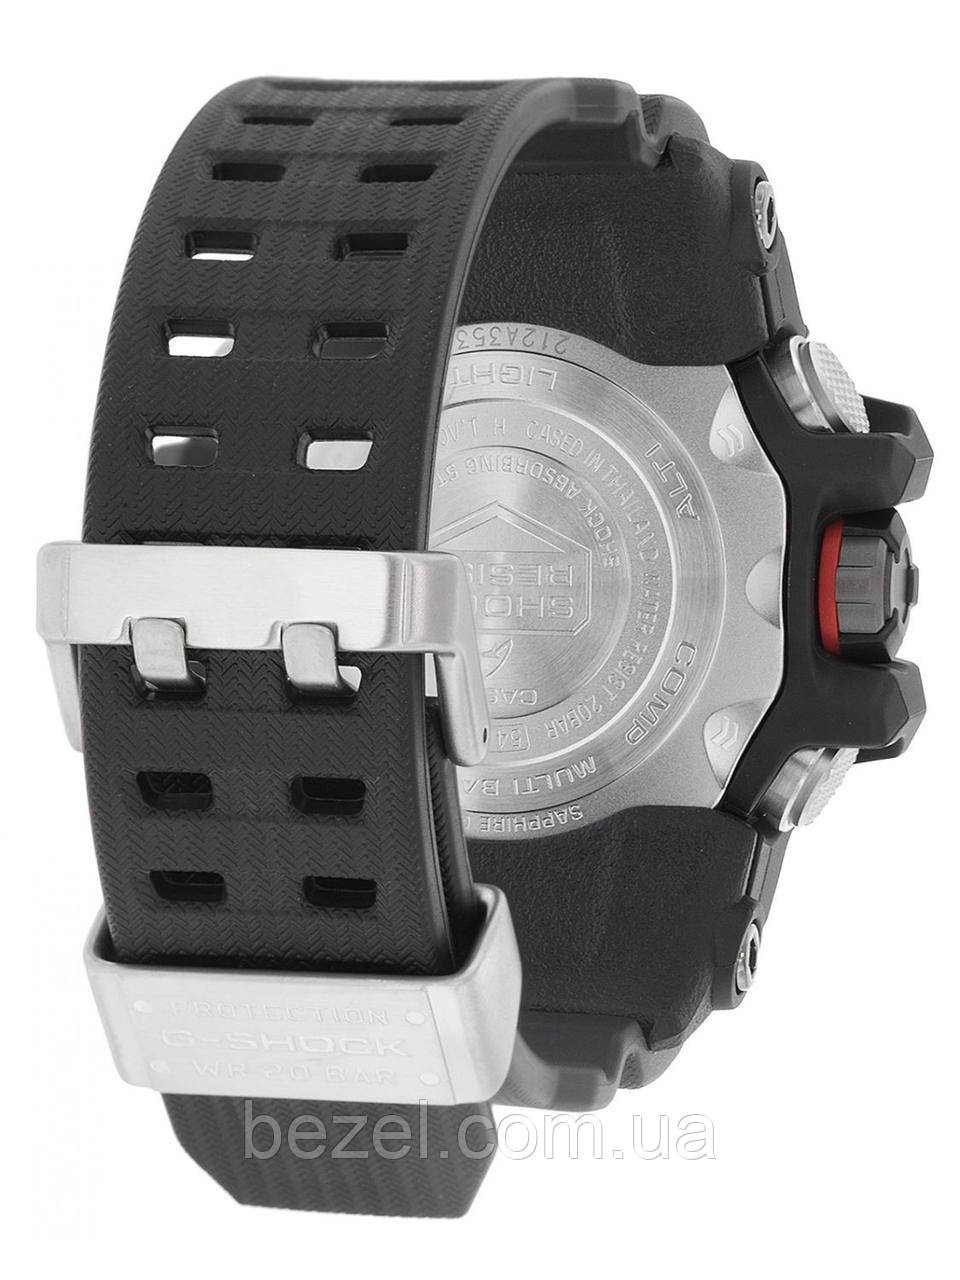 739c0cde ... фото Мужские часы Casio G-SHOCK Mudmaster Triple Sens GWG-1000-1A1ER,  фото